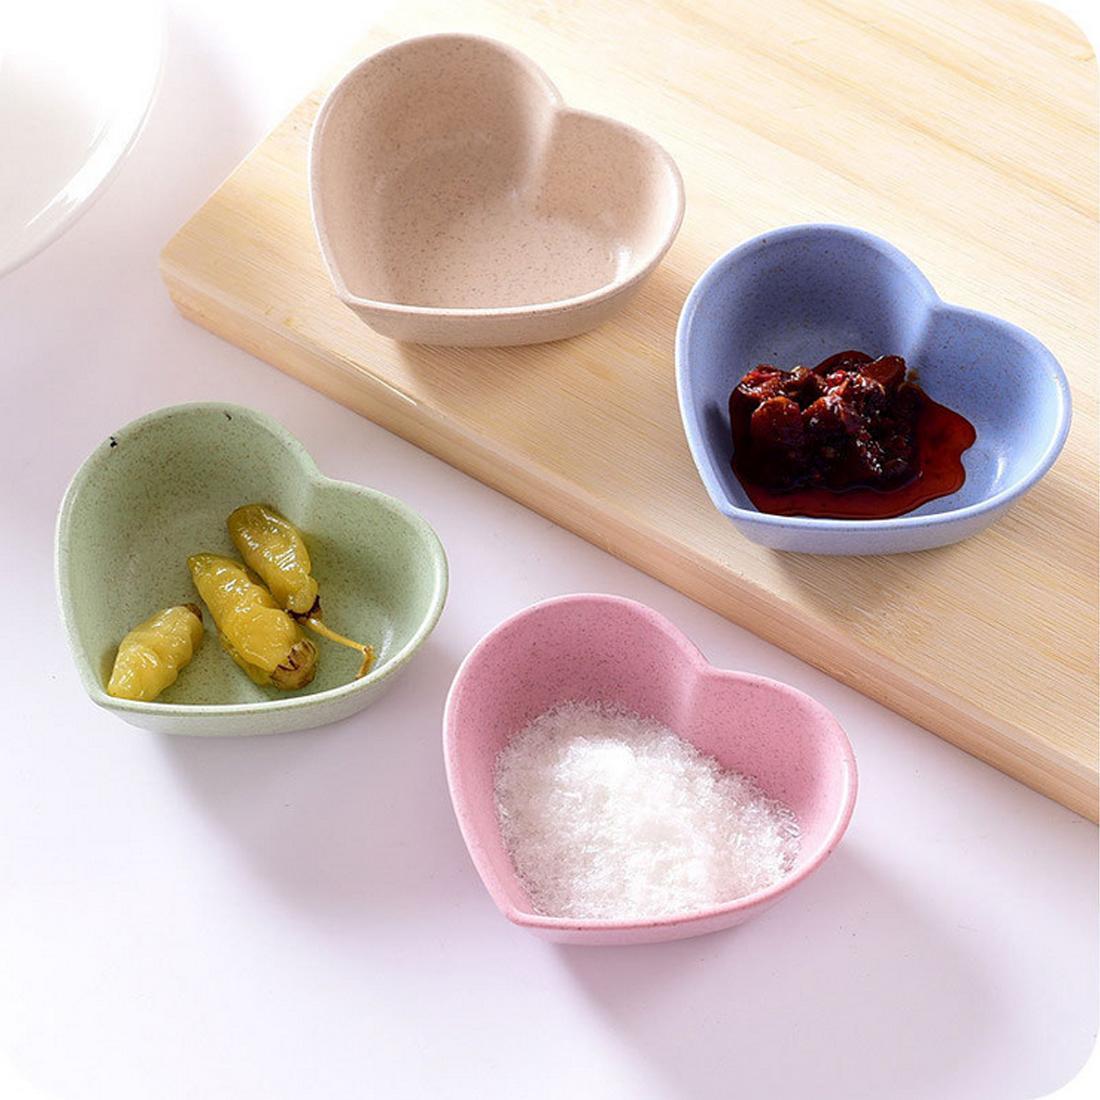 Yaratıcı Mutfak Aşk Kalp Şekli Buğday Straw Bowl Sirke baharat Katı Soya Bulaşık Sos Tuz Snack Küçük Tabak